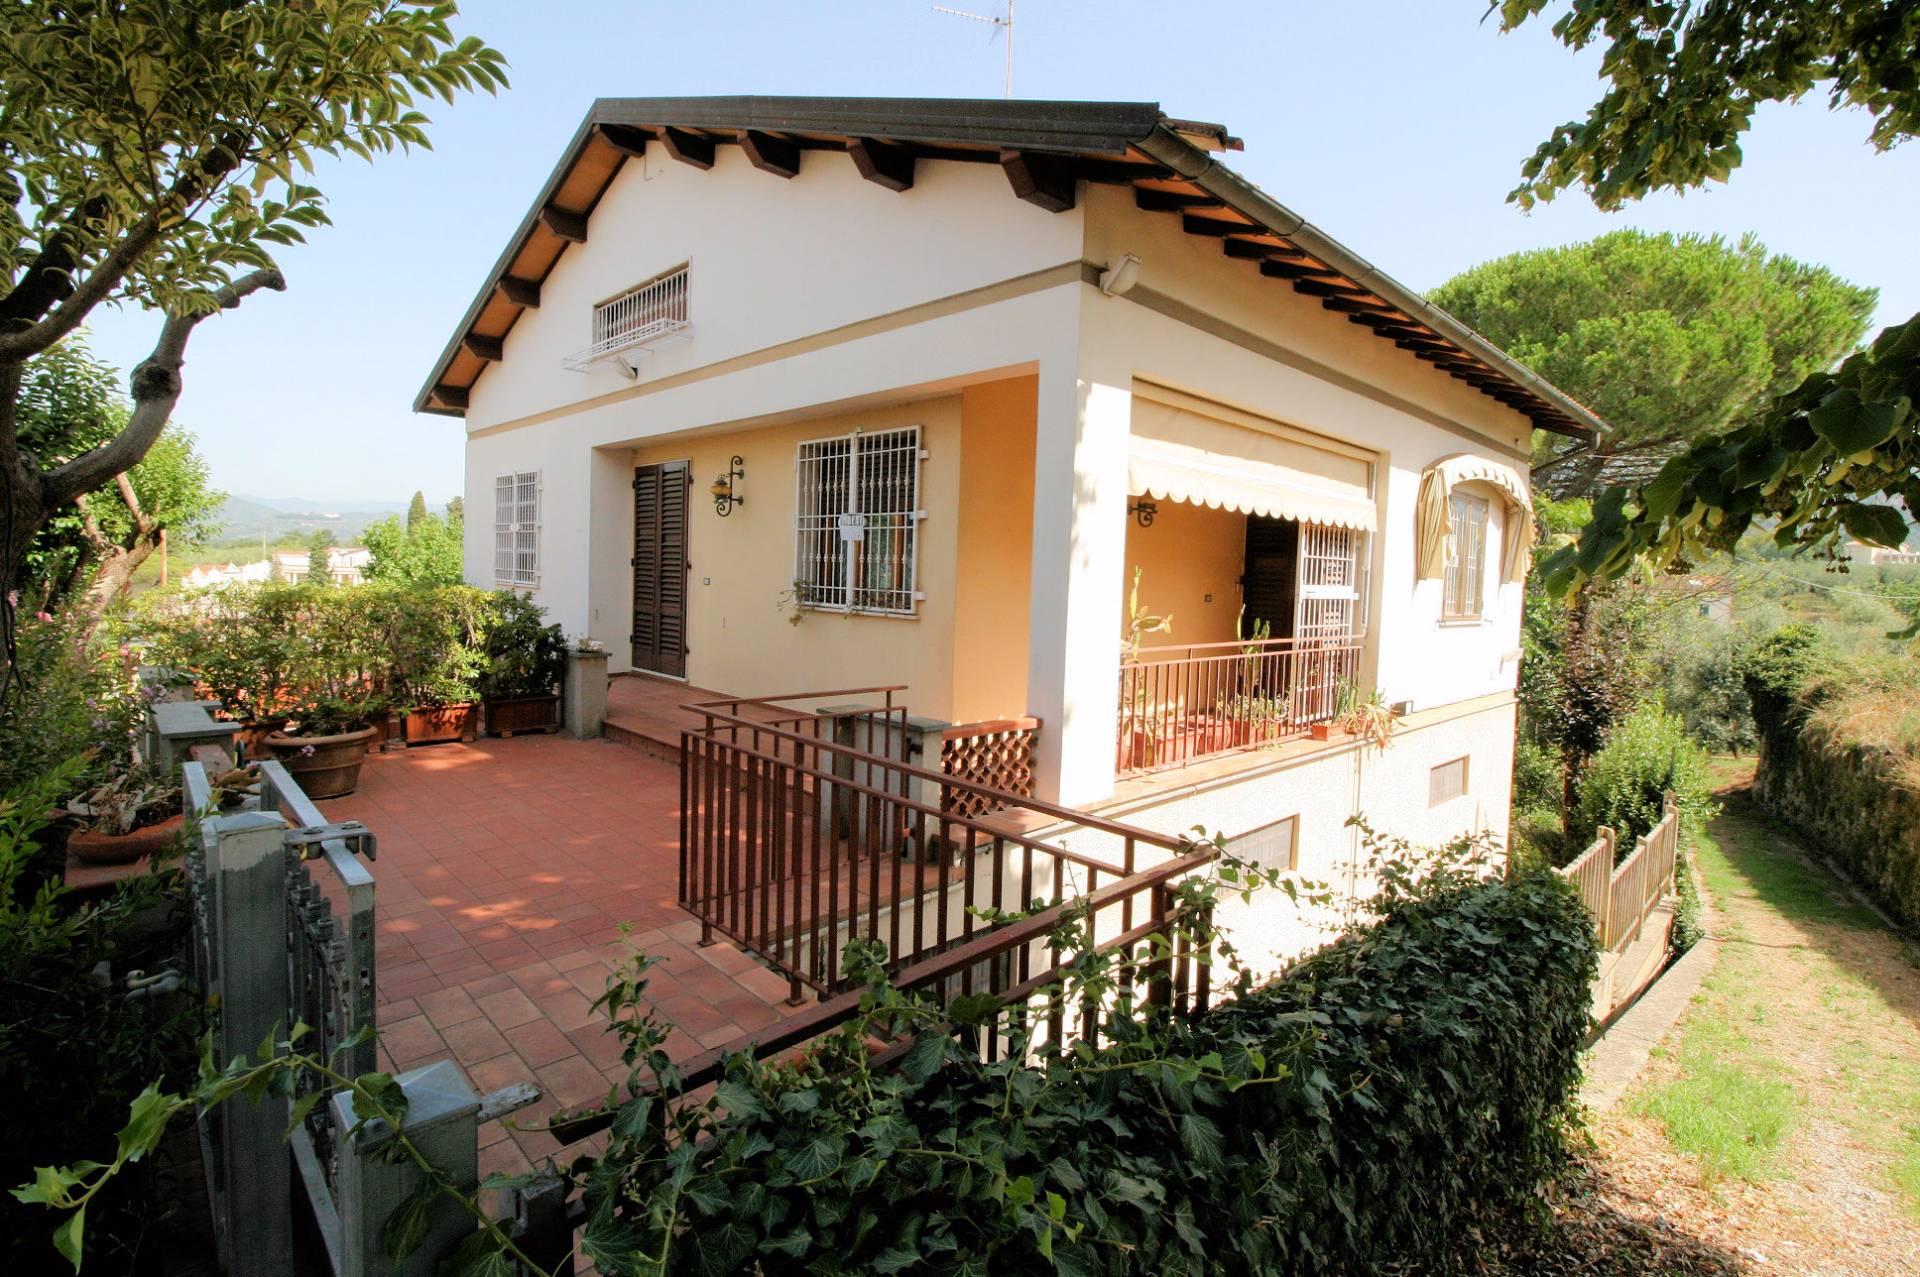 Soluzione Indipendente in vendita a Larciano, 8 locali, prezzo € 250.000 | CambioCasa.it